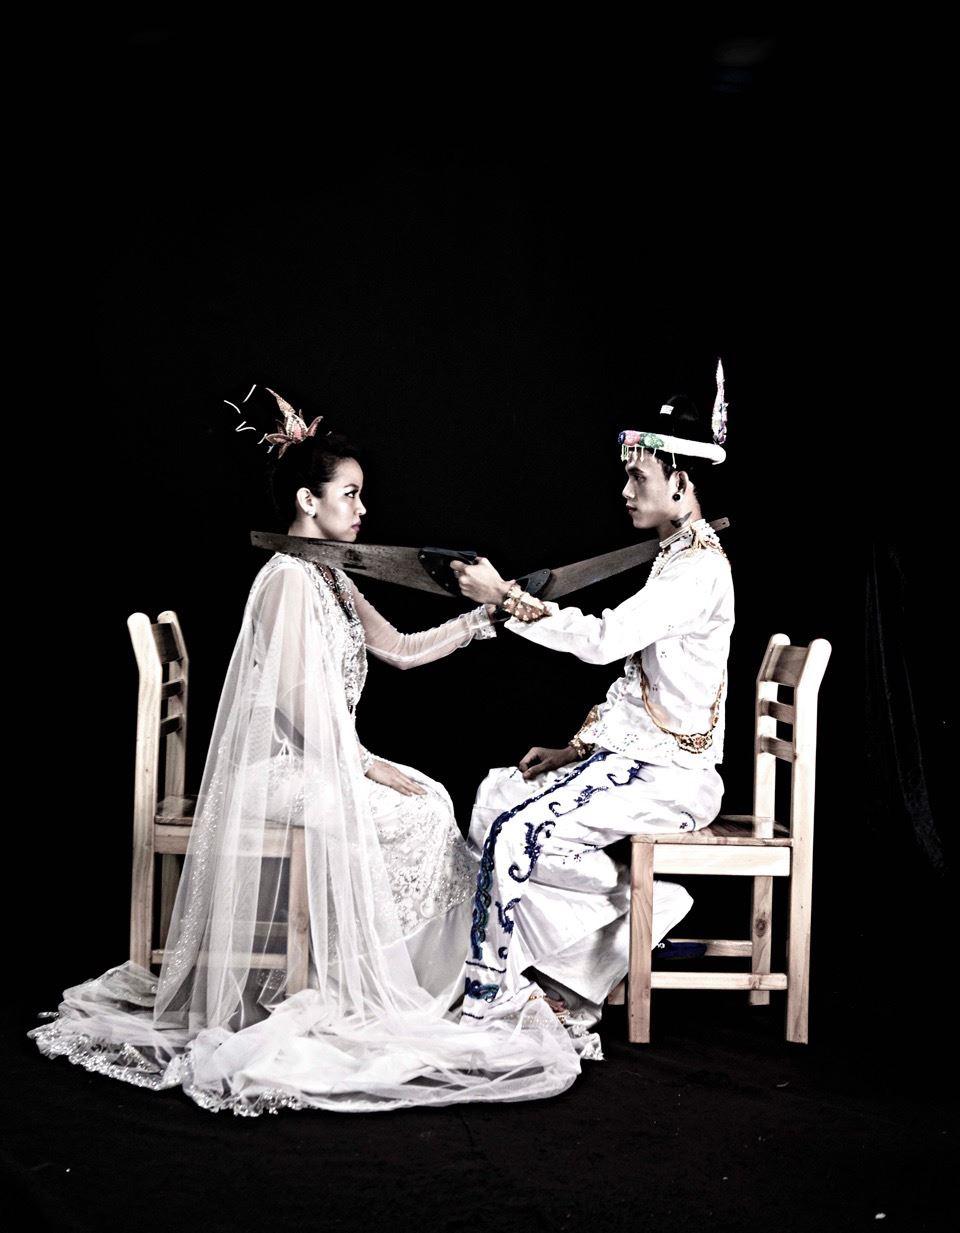 Kolatt och Yadanar Win,  © © Kolatt och Yadanar Win, Samtida konst från Burma/Myanmar